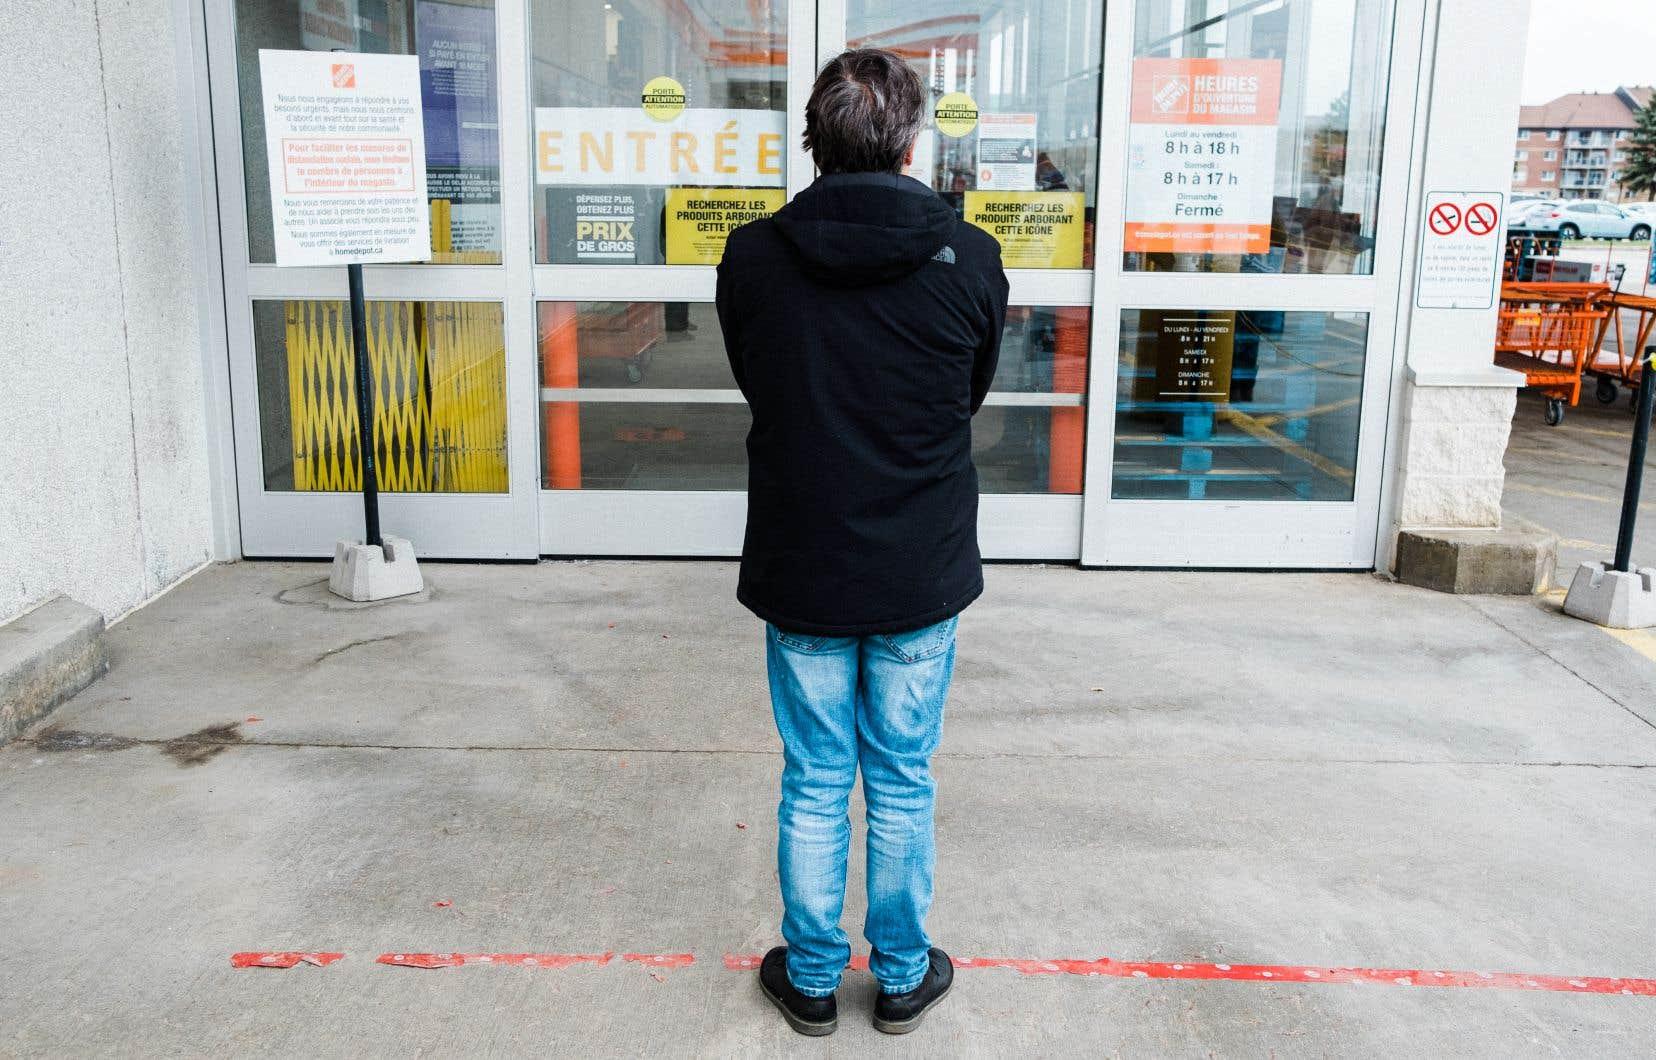 L'effet négatif des programmes d'aide sur l'incitation au travail deviendra un problème de plus en plus grand à mesure que se poursuivra le déconfinement de l'économie, estime le fiscaliste et professeur Luc Godbout.